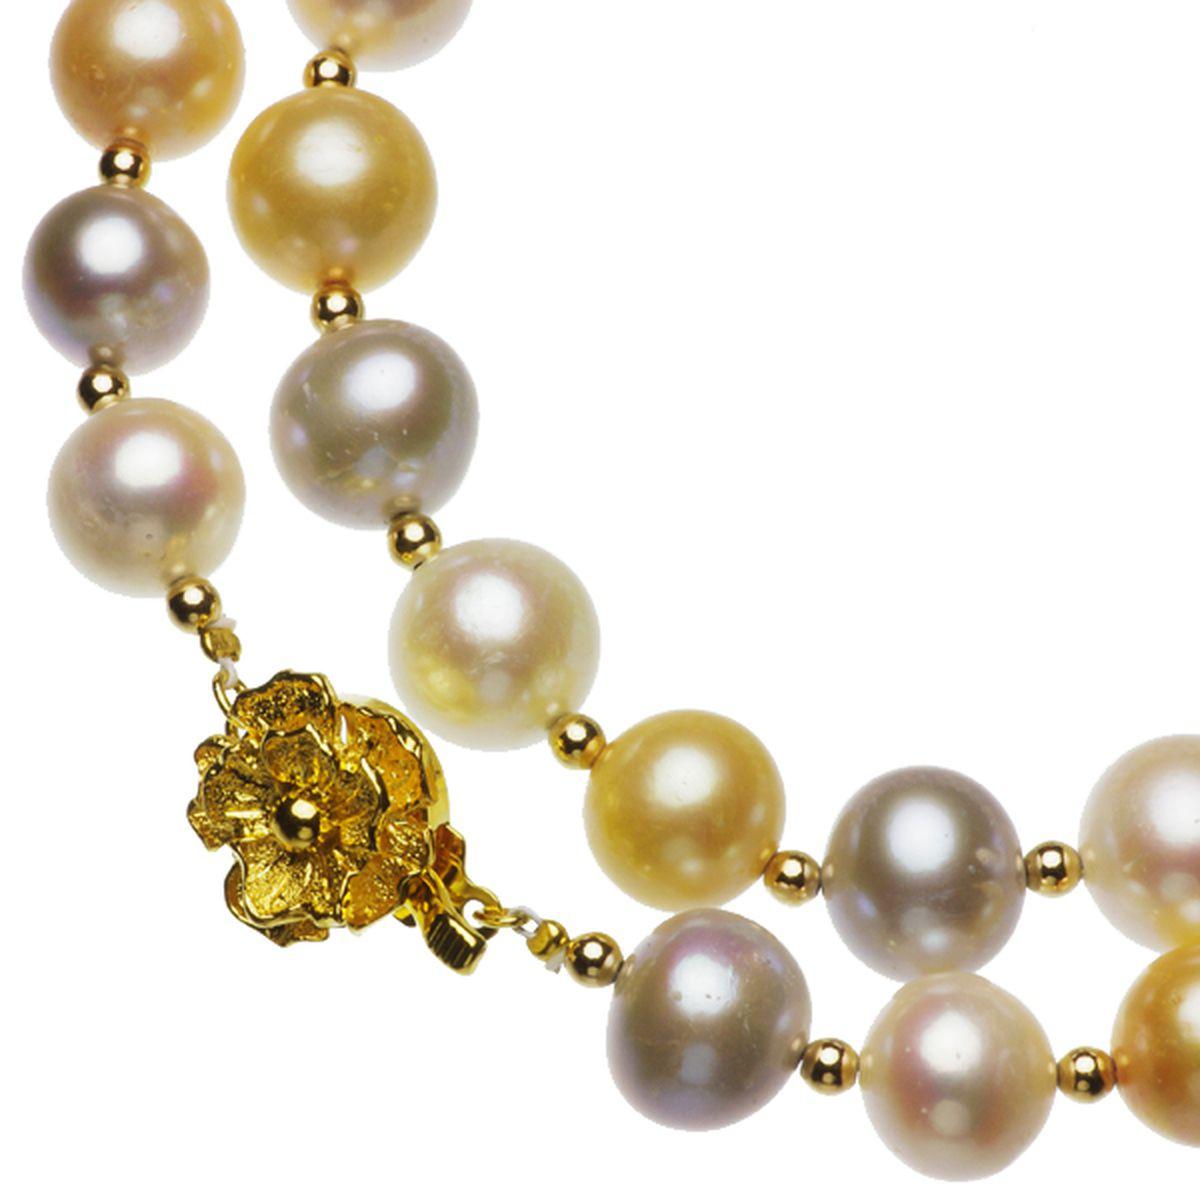 淡水真珠オリジナルデザインネックレス 約10.5-11..5mmの写真